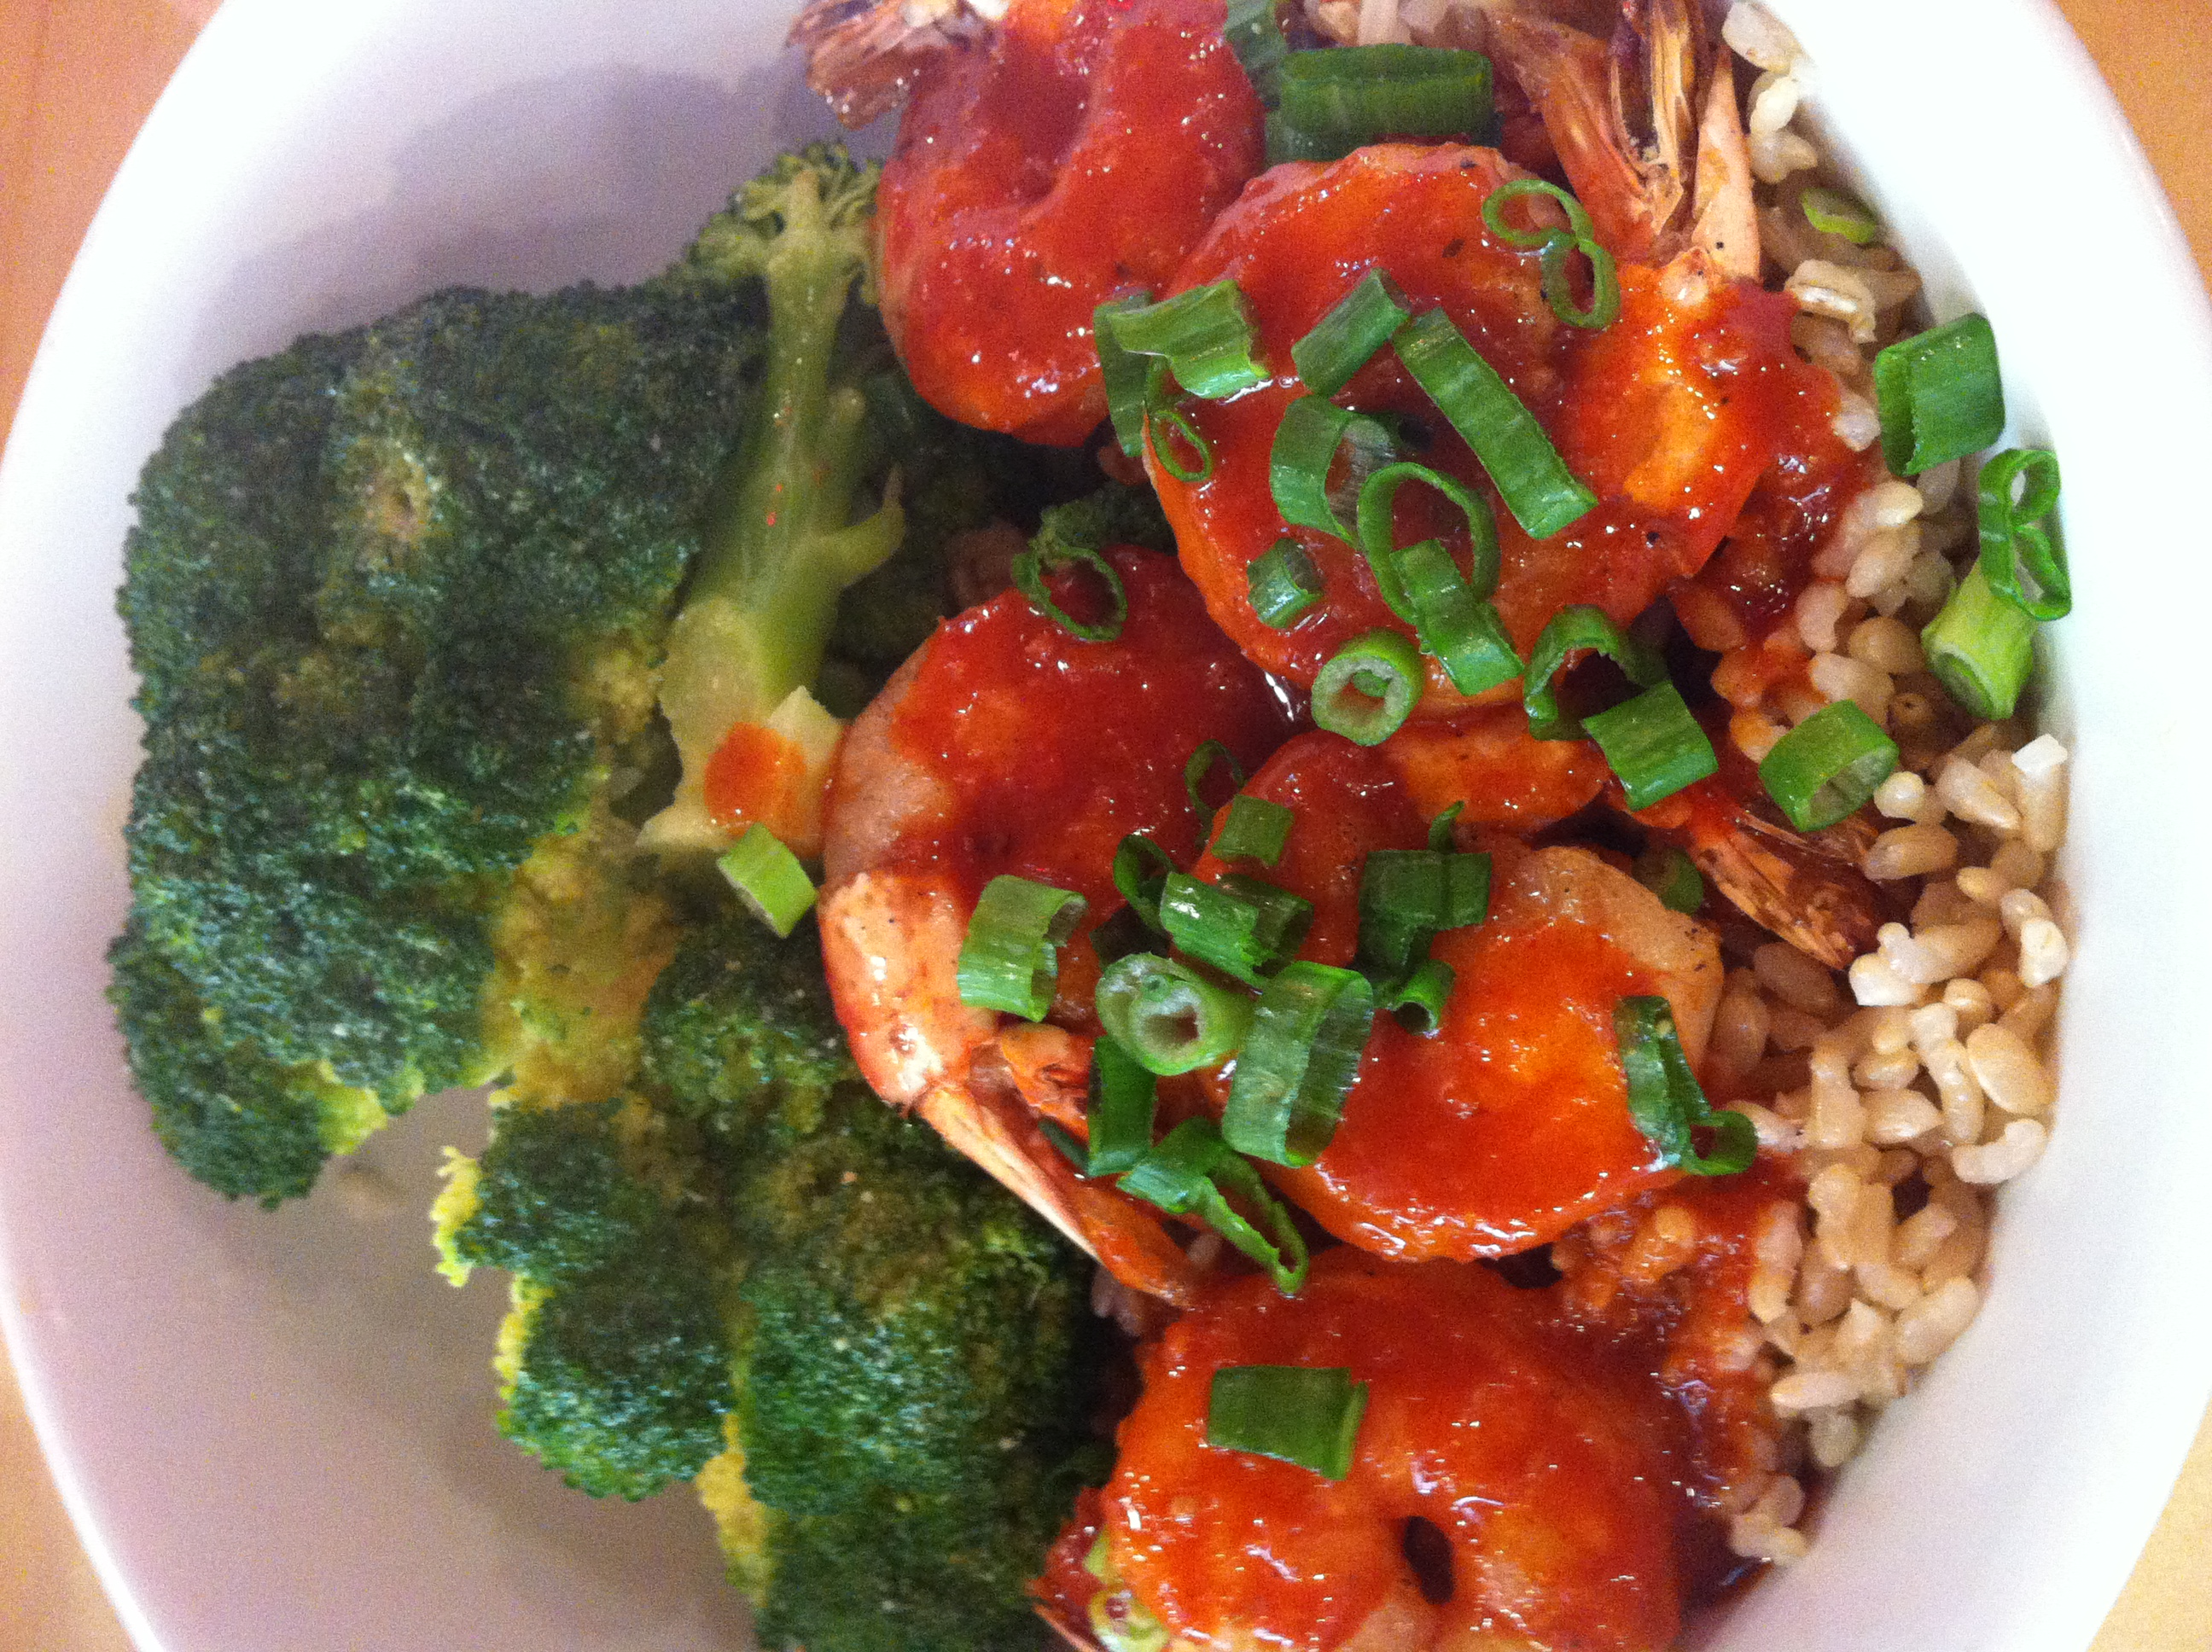 Sae Woo  : Camarão frito picantíssimo, Butter'd Broccoli e arroz de côco delicioso.